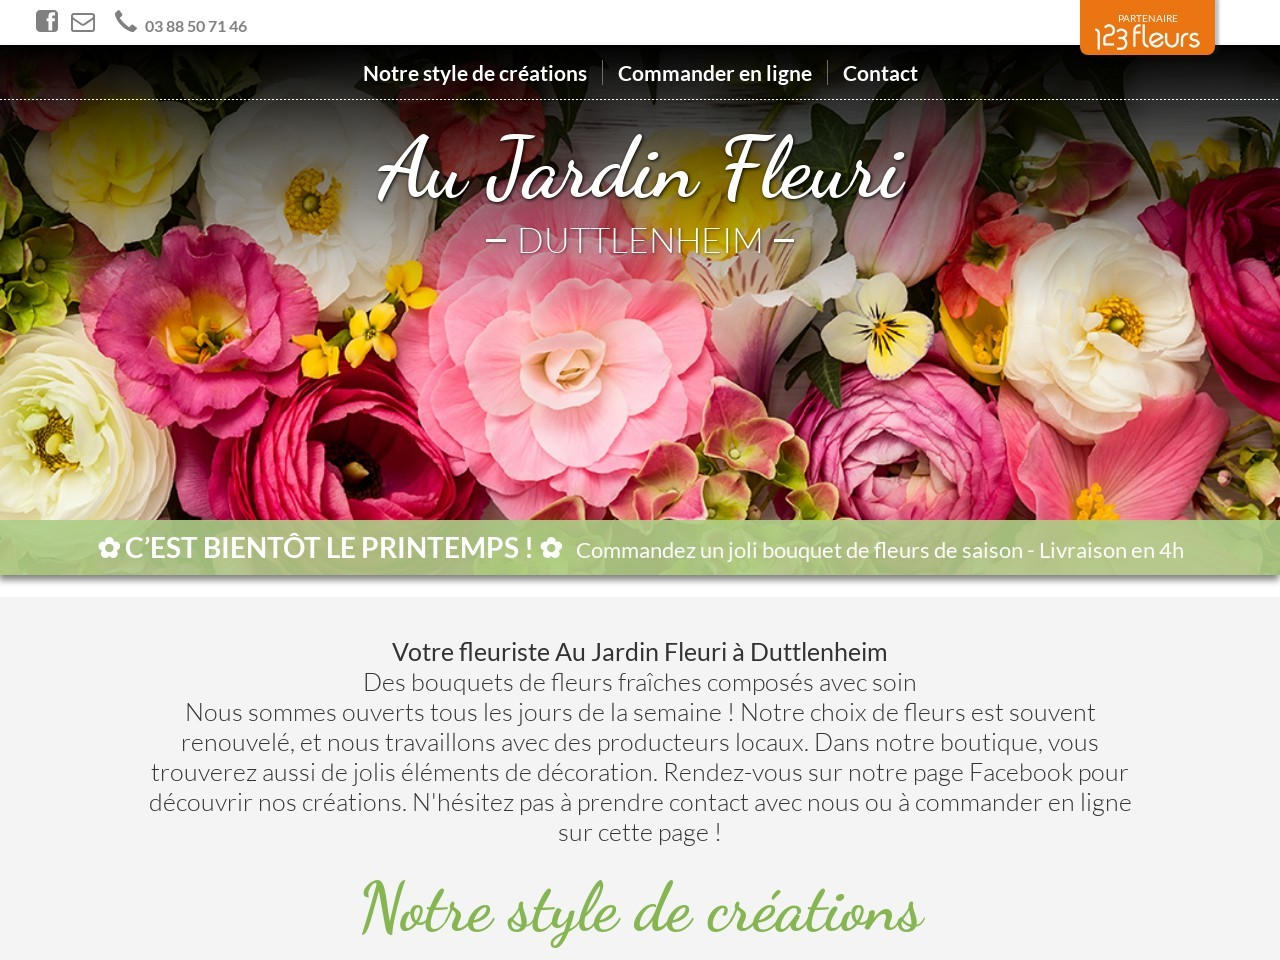 Site fleuriste Au Jardin Fleuri - 123fleurs